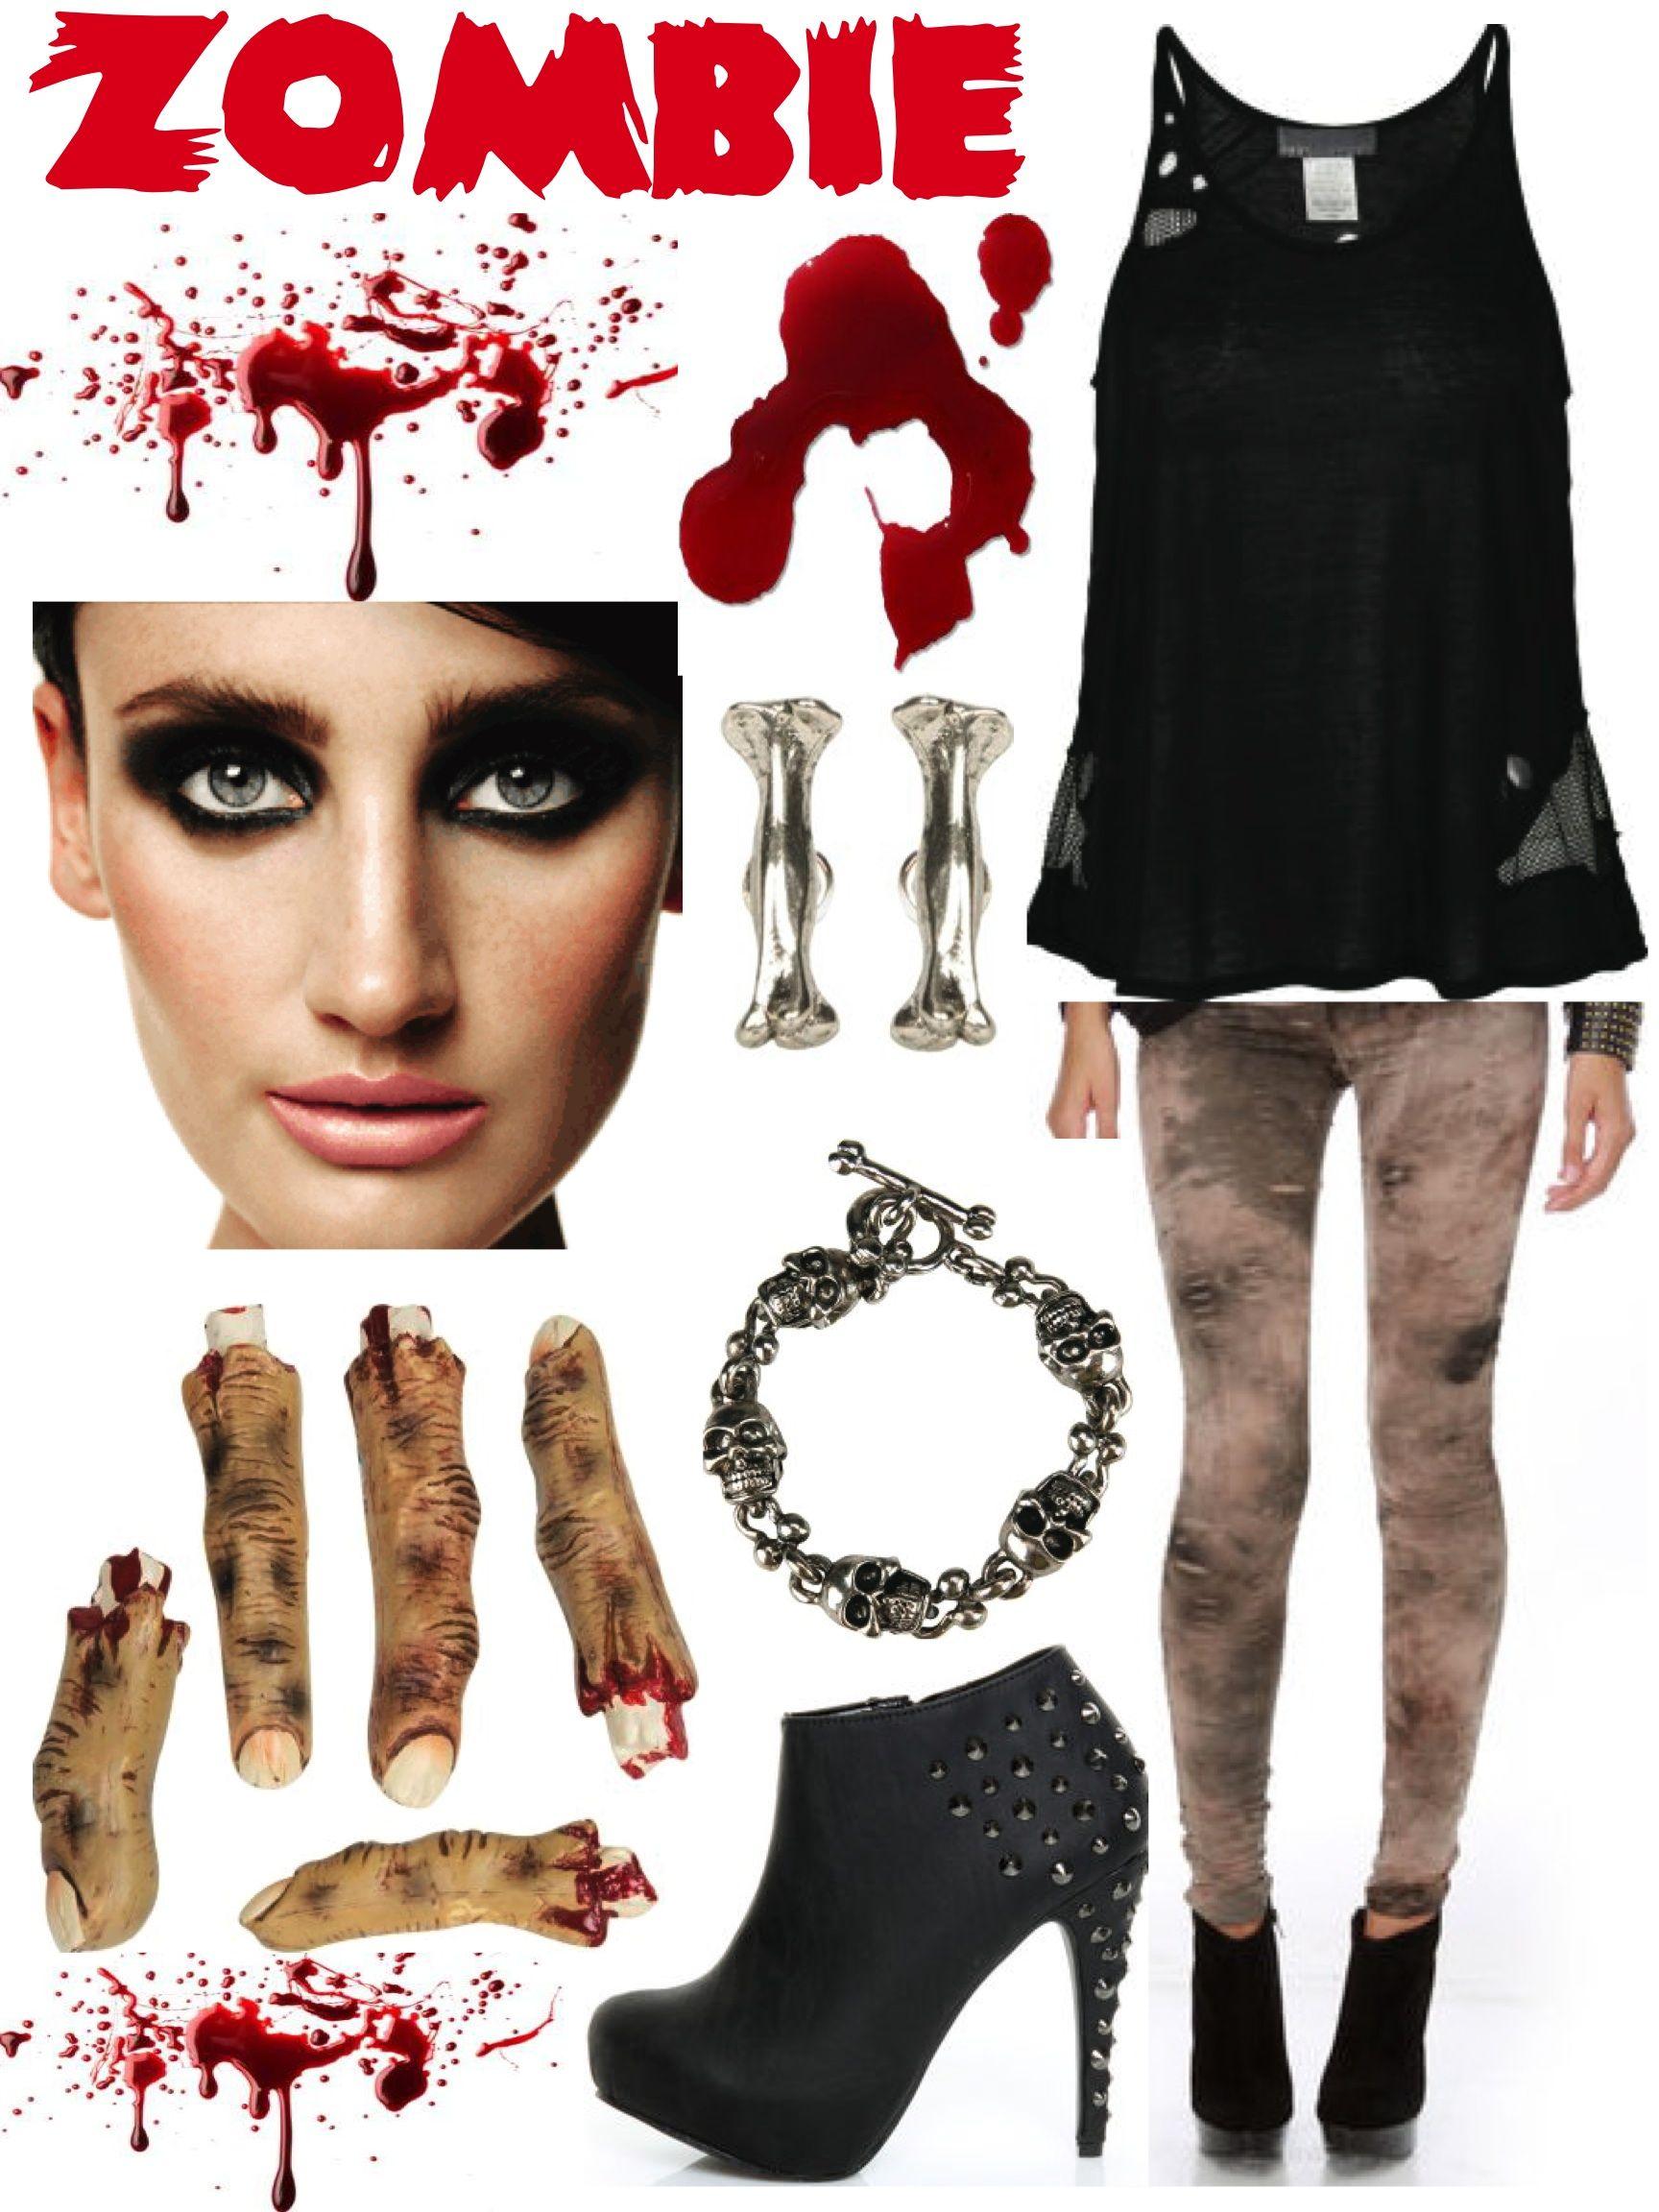 stylish vampire costume